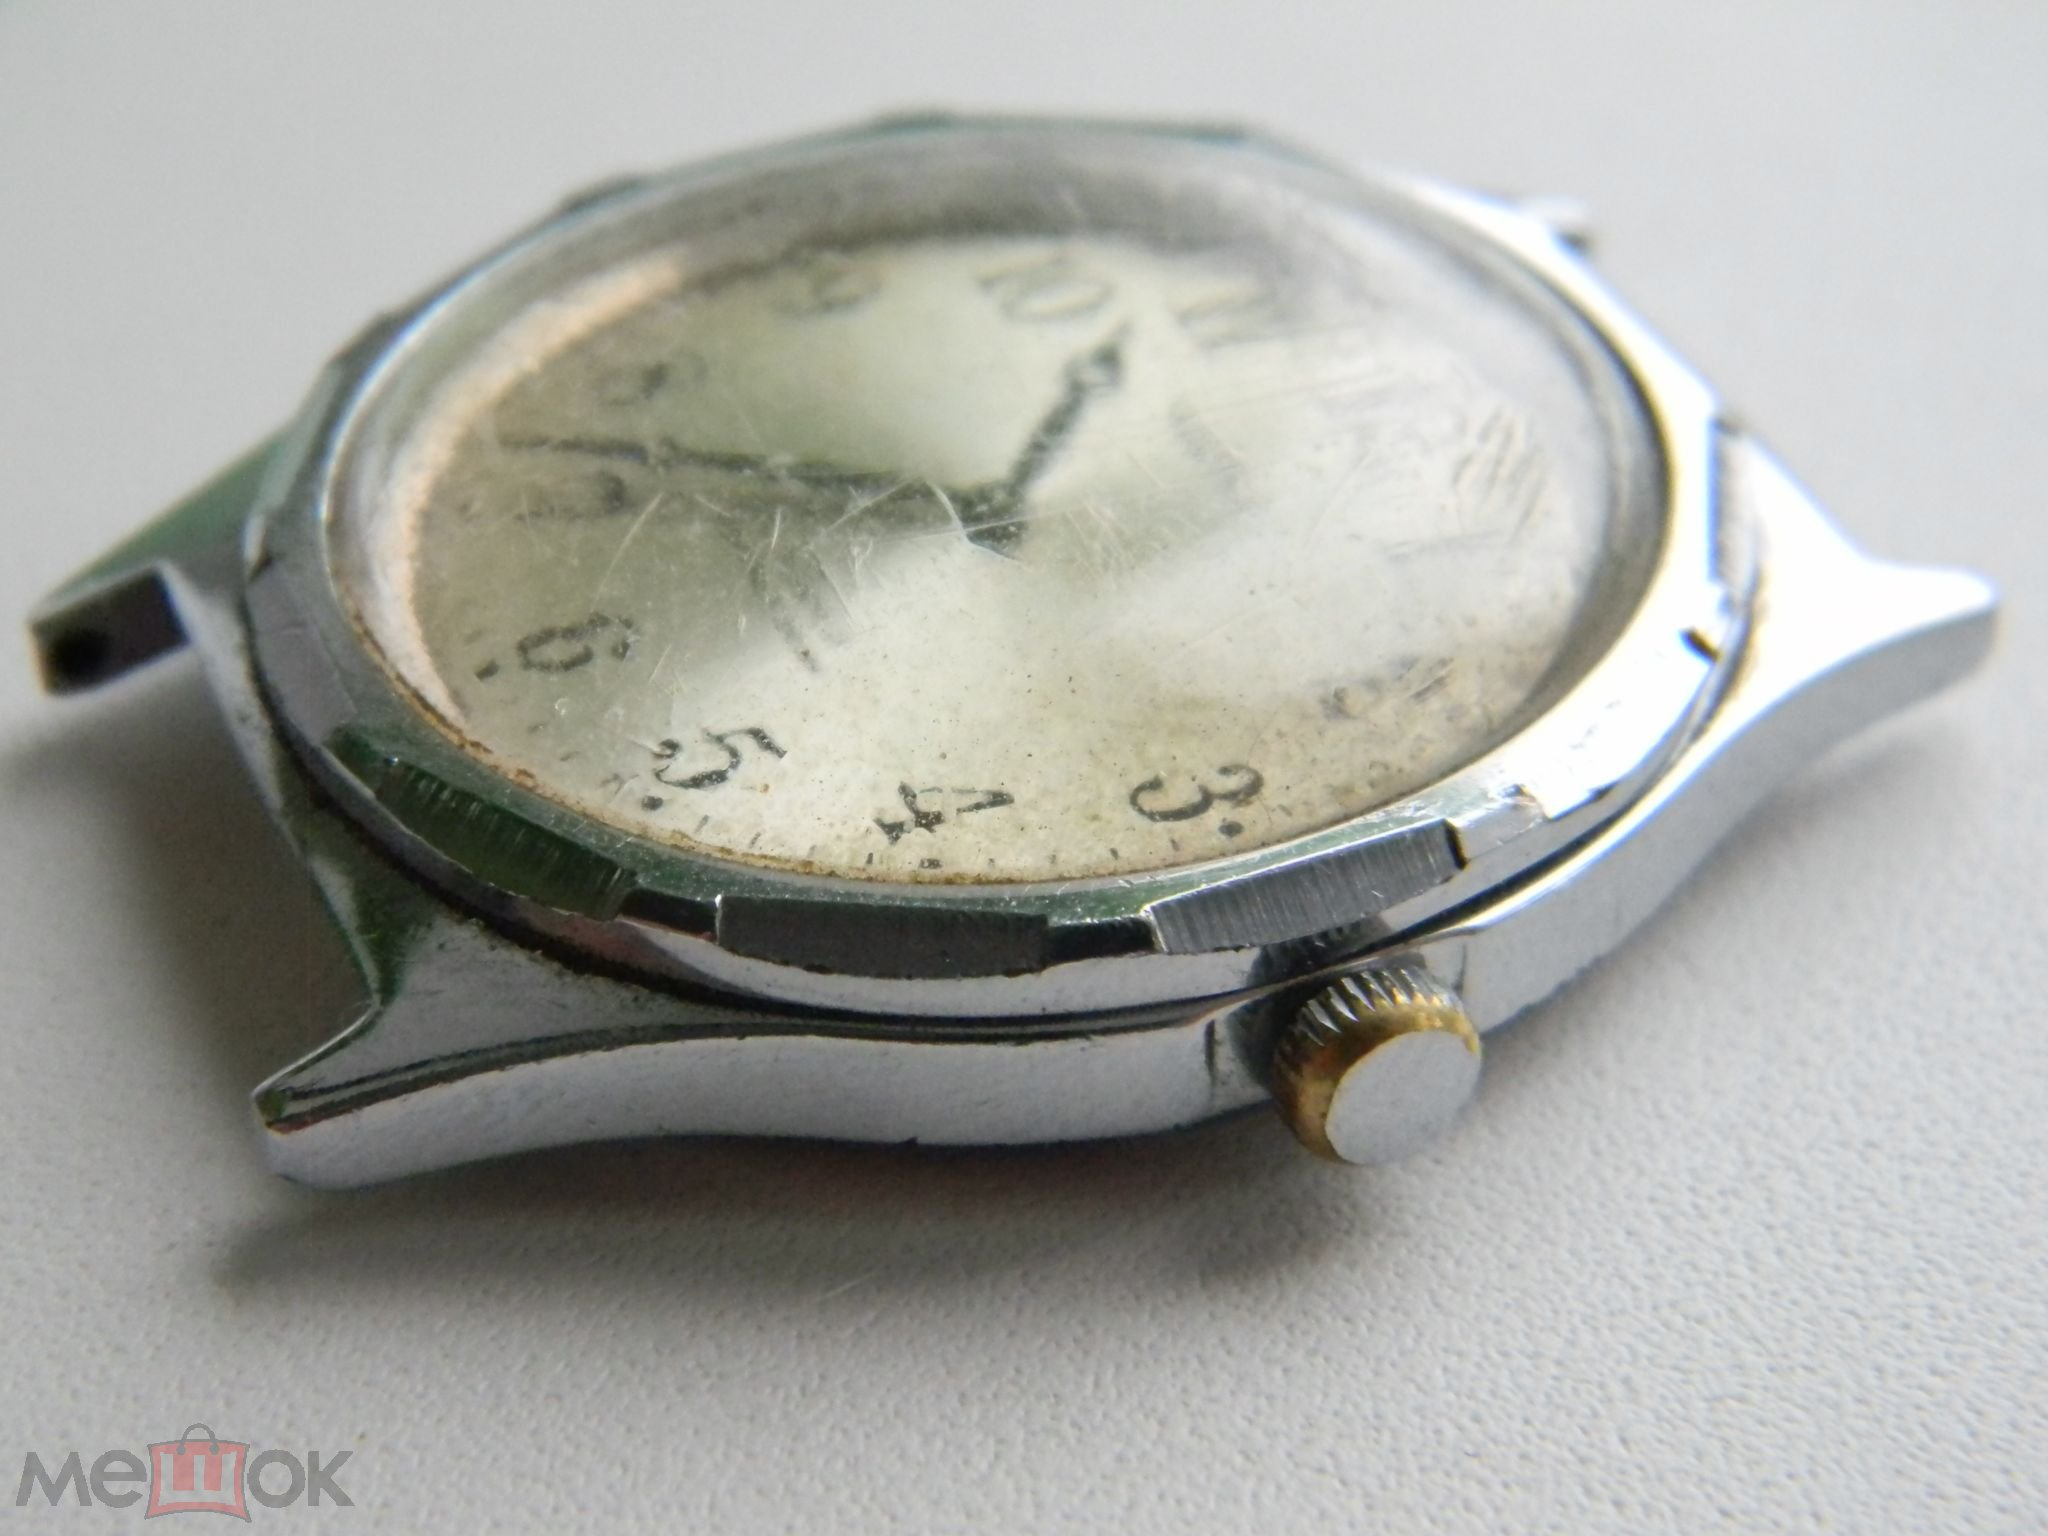 В категории: механические наручные часы чайка - купить по выгодной цене, доставка: москва, скидки!